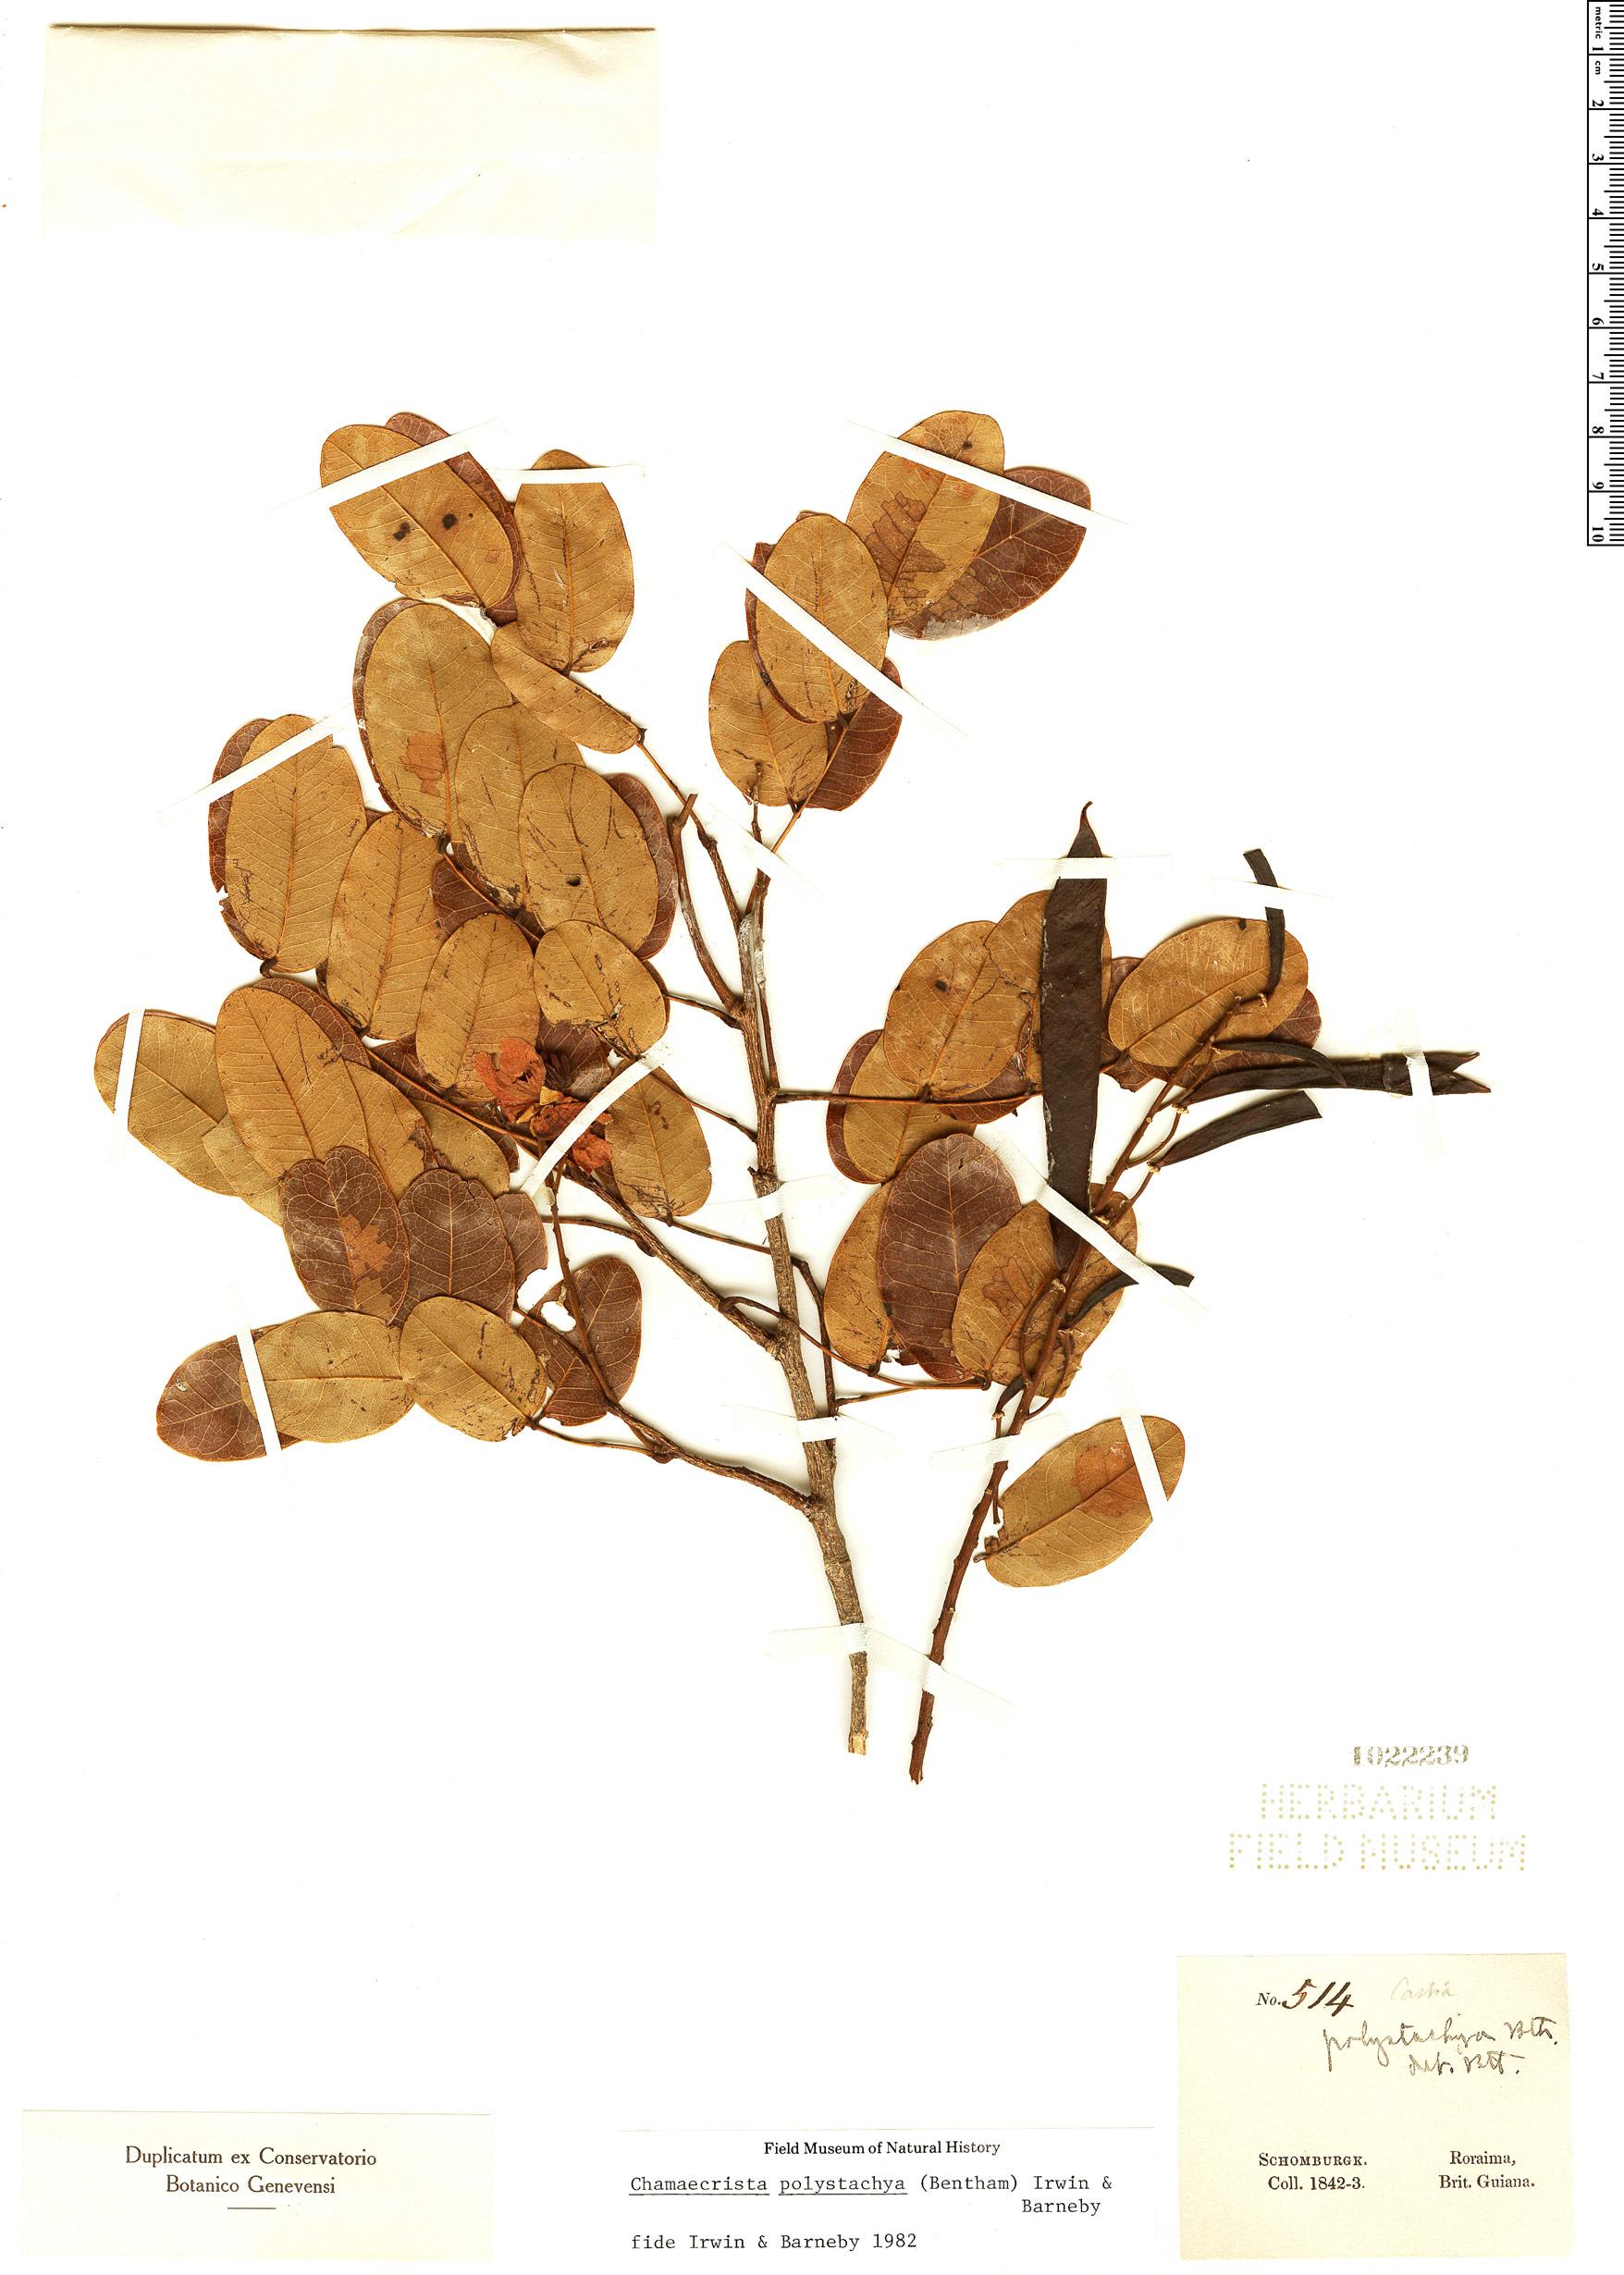 Specimen: Chamaecrista polystachya